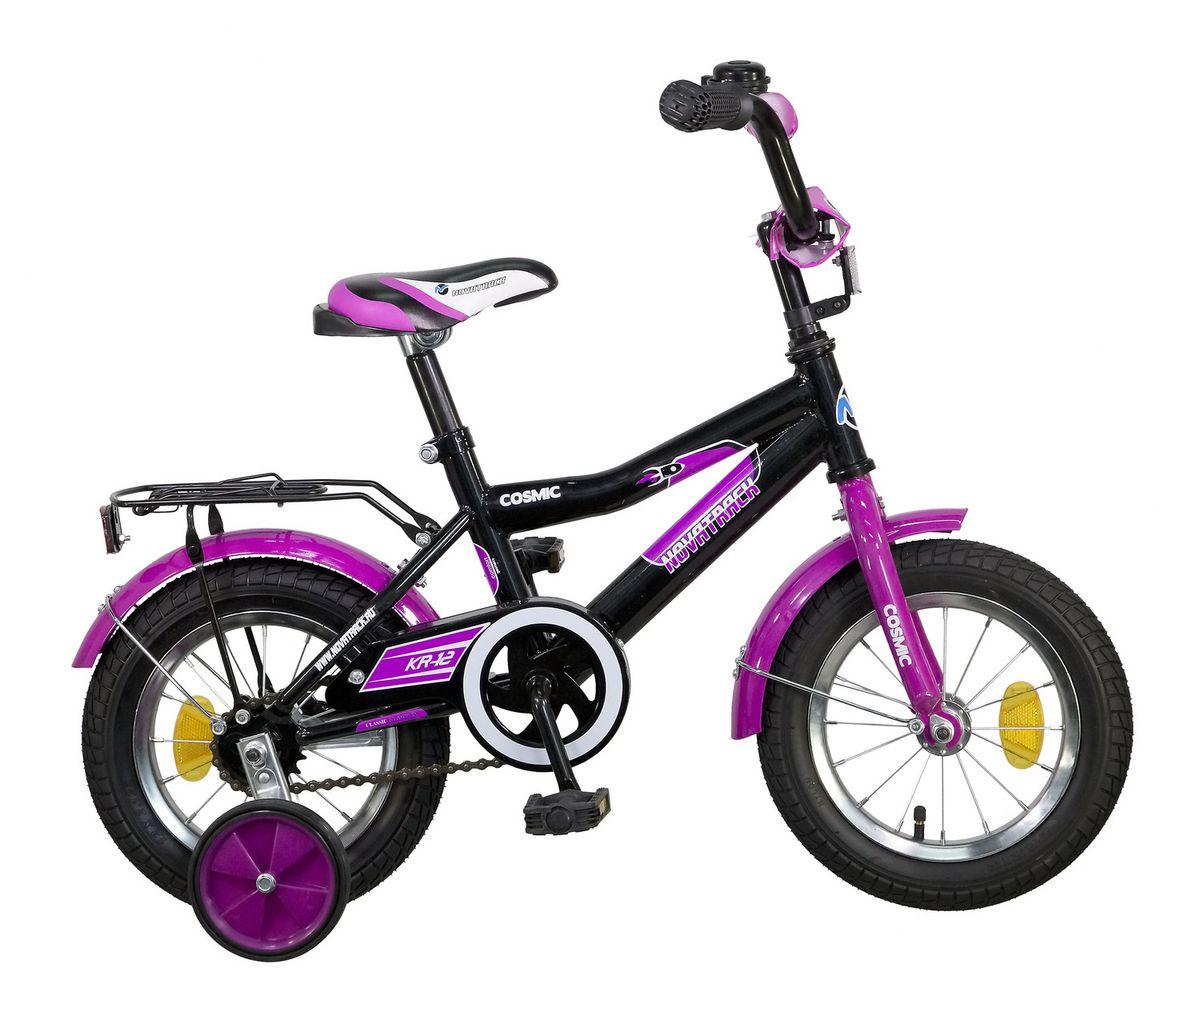 Велосипед детский Novatrack Cosmic, цвет: черный, сиреневый, 12 велосипед для организма